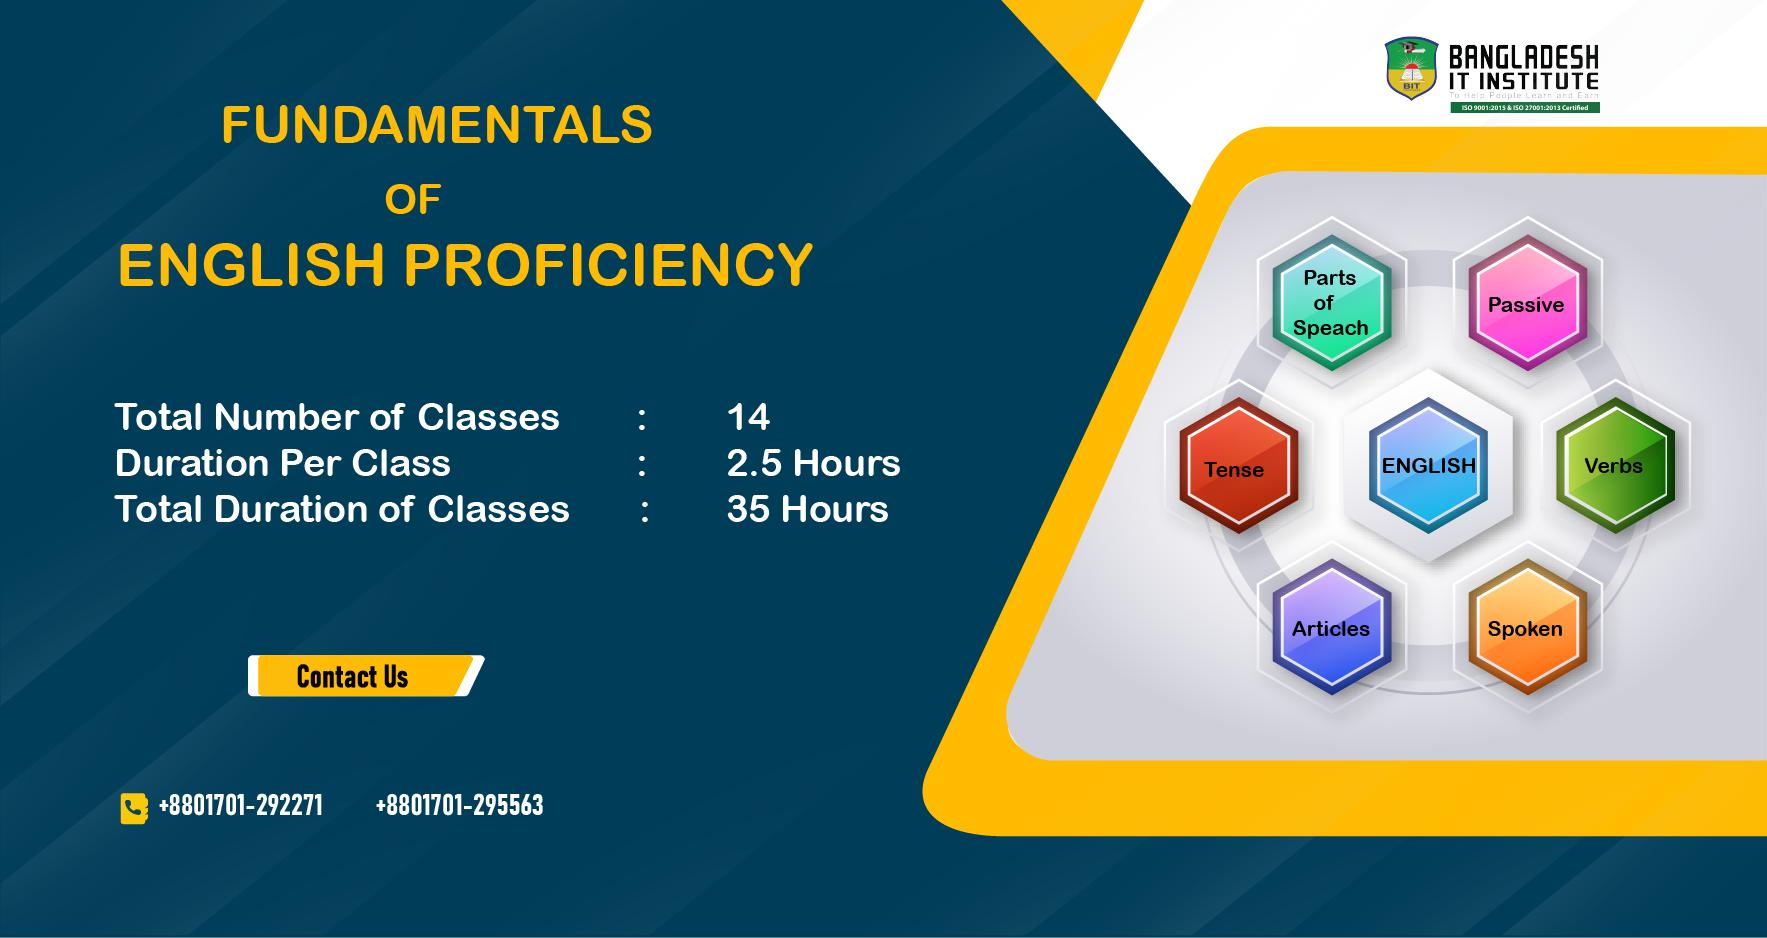 FUNDAMENTALS OF ENGLISH PROFICIENCY